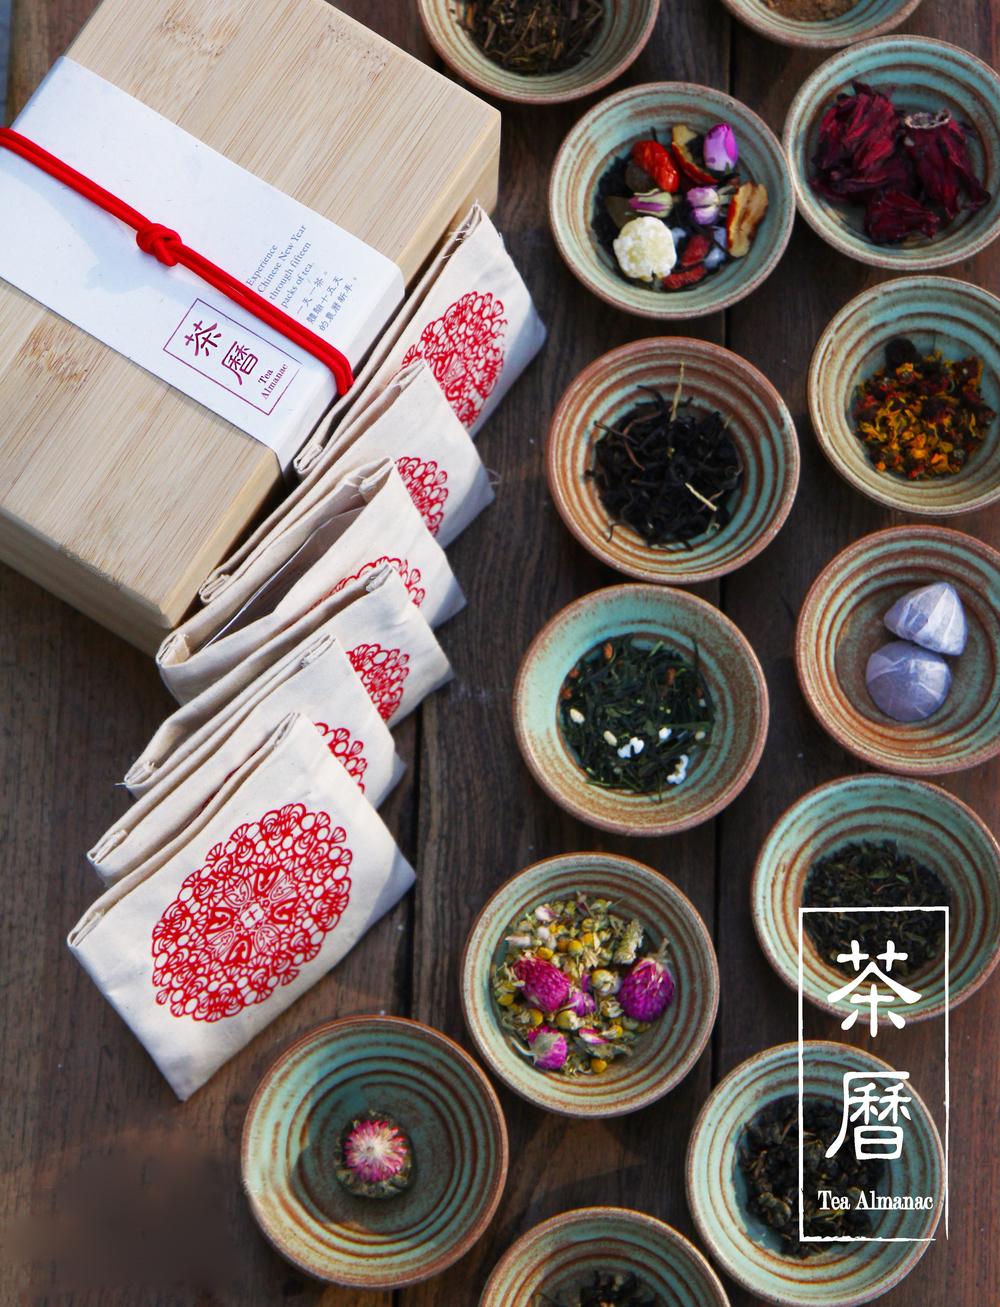 tea_almanac